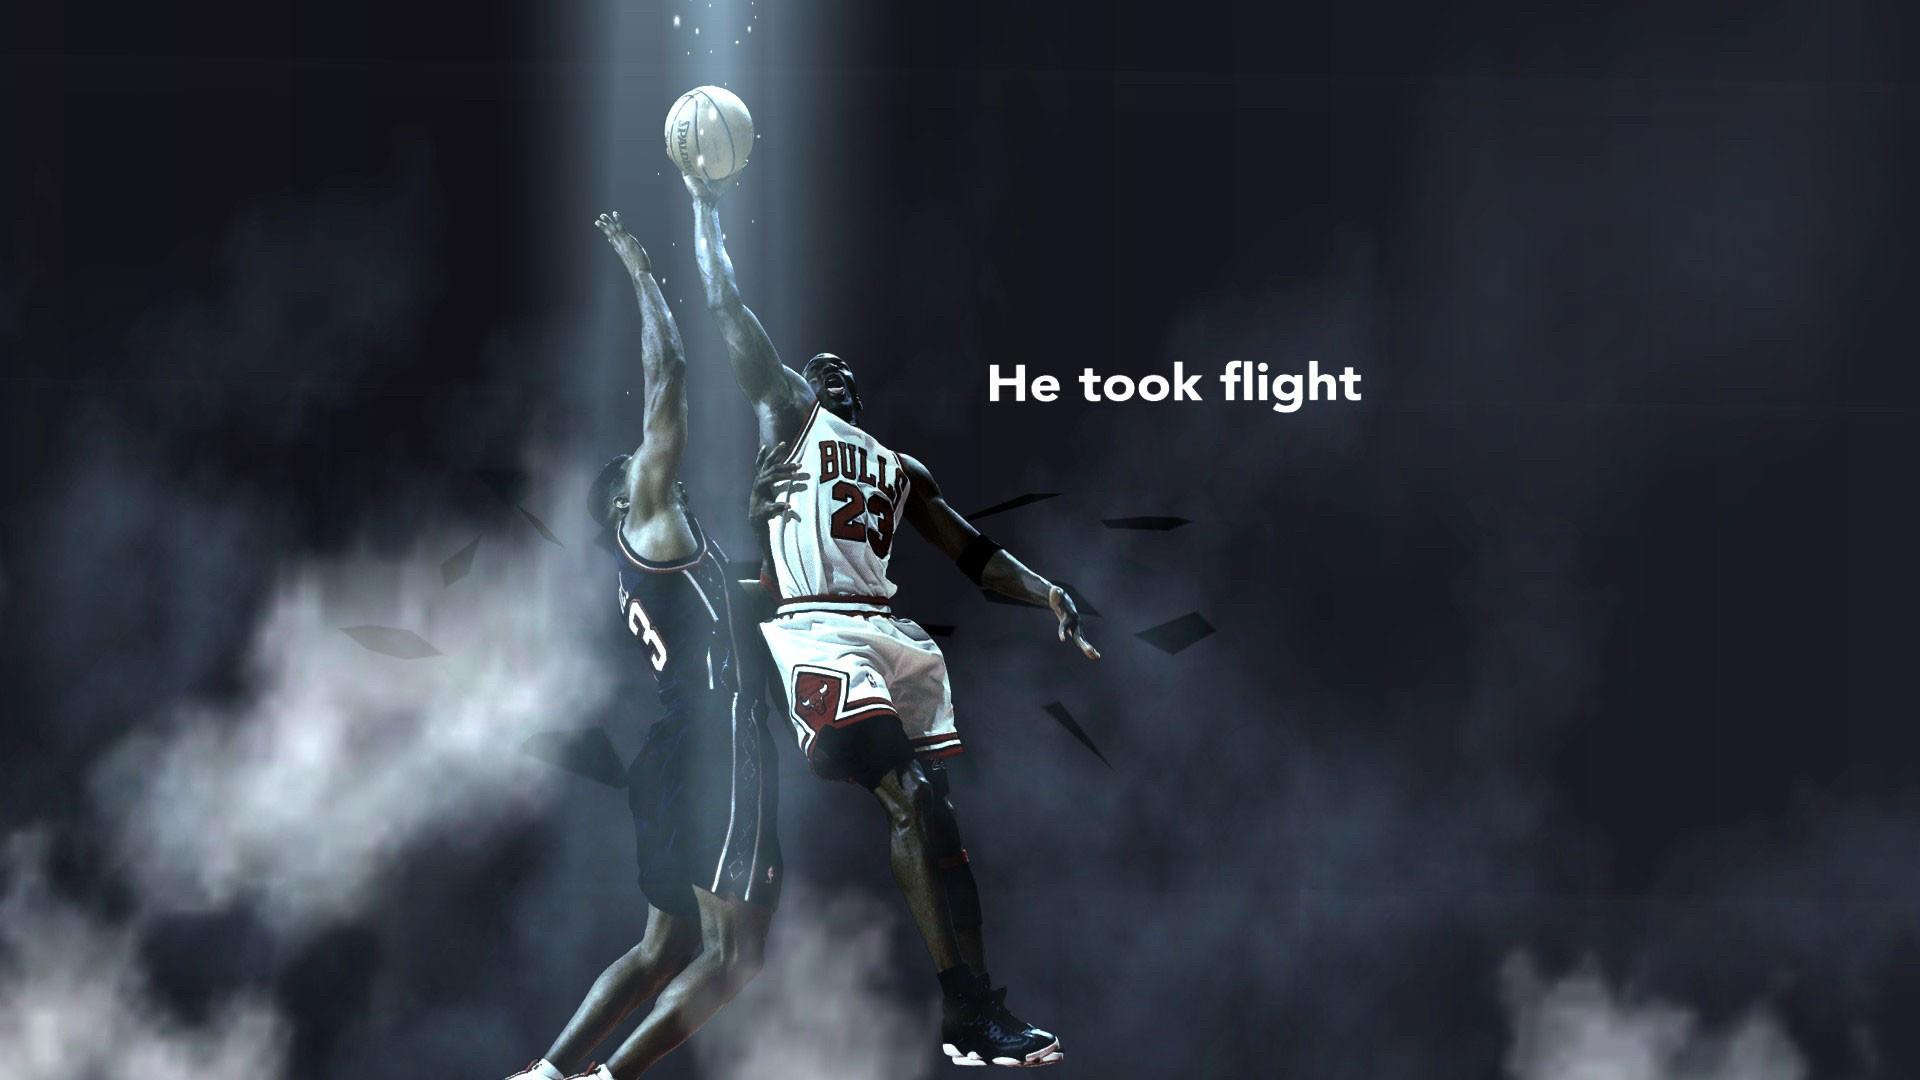 Explore Jordan Poster, Michael Jordan, and more!